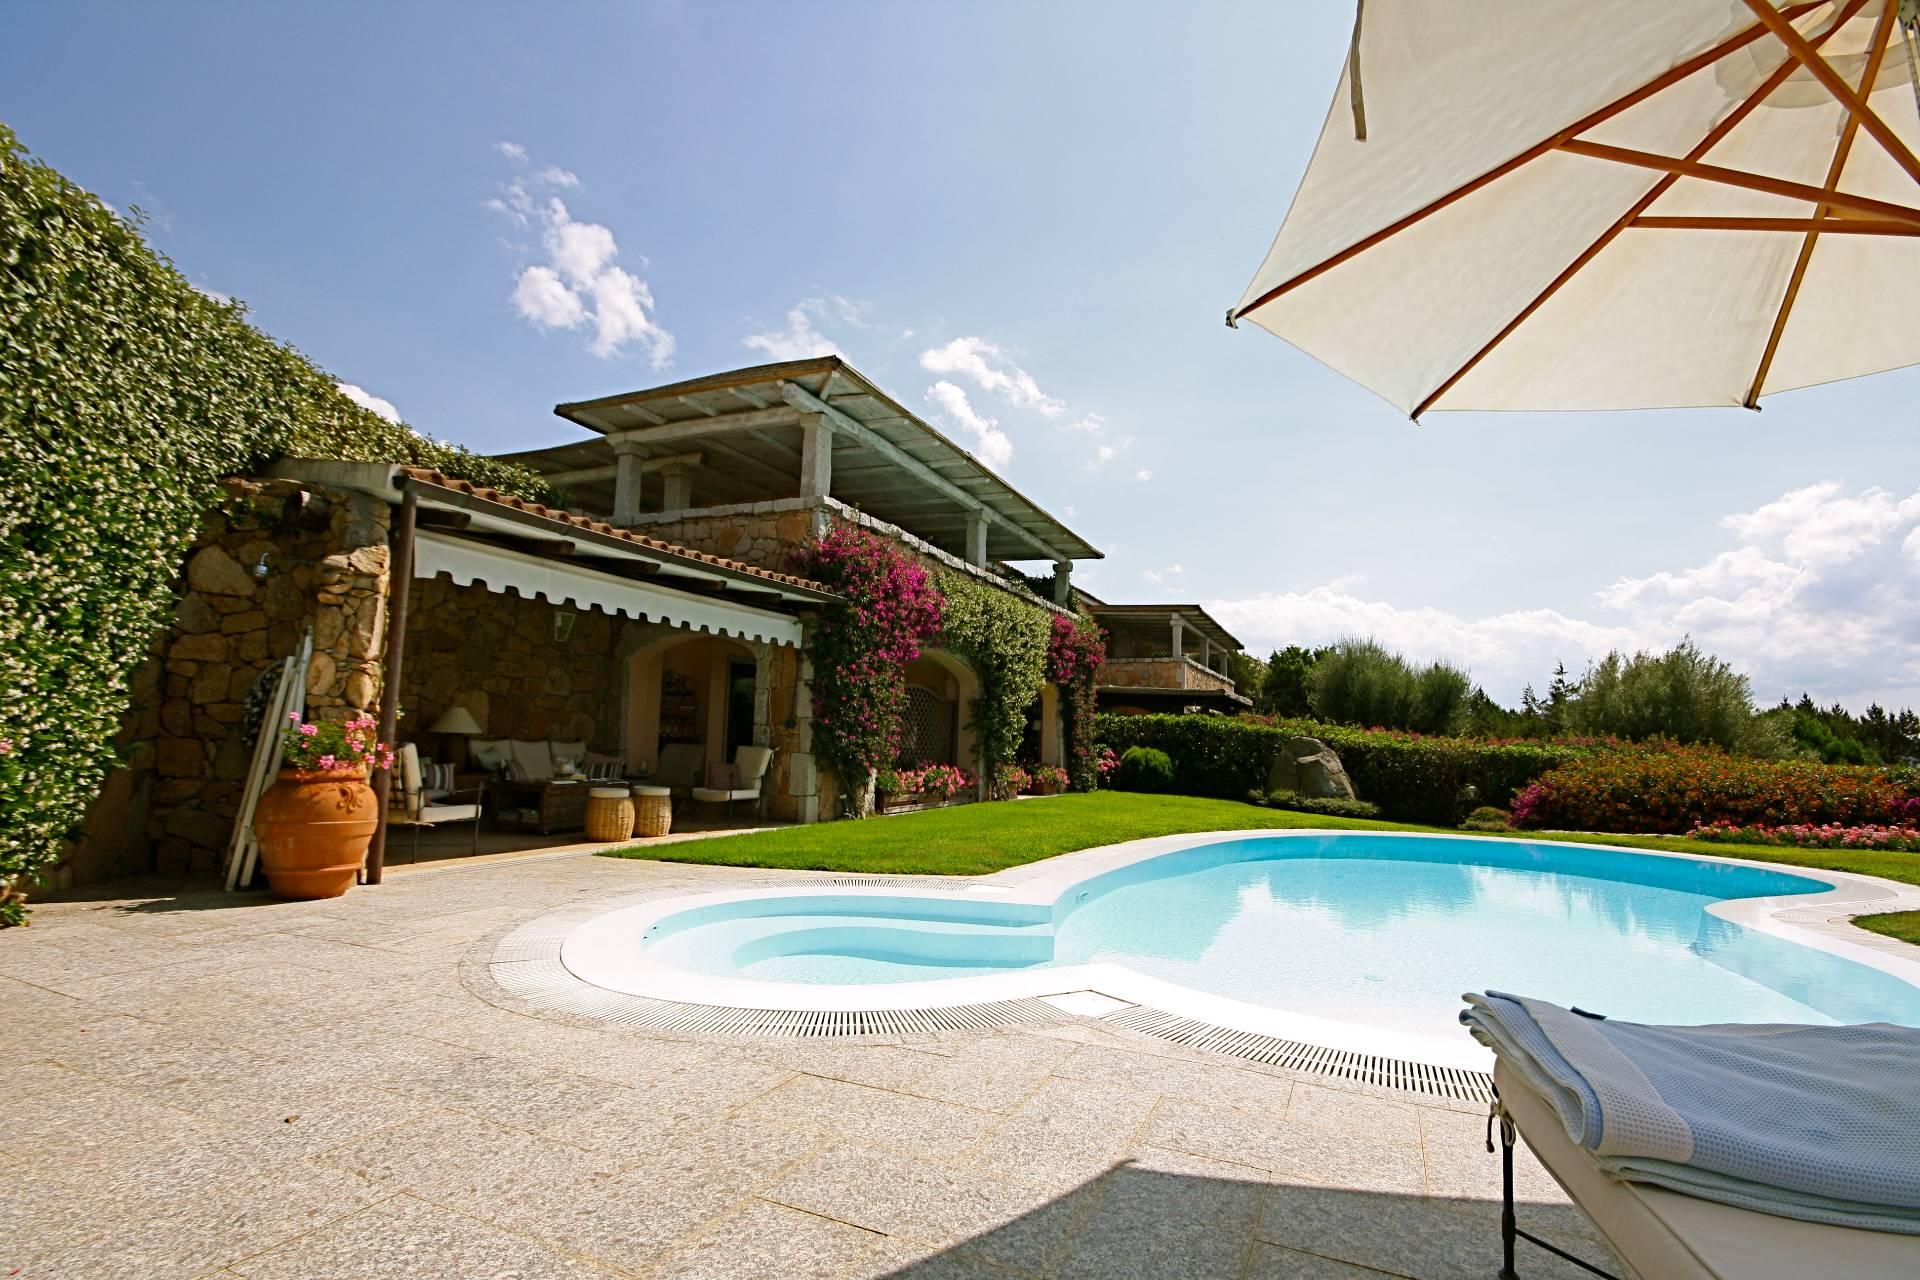 Immobile Turistico in affitto a Olbia - Porto Rotondo, 5 locali, prezzo € 1.050 | CambioCasa.it